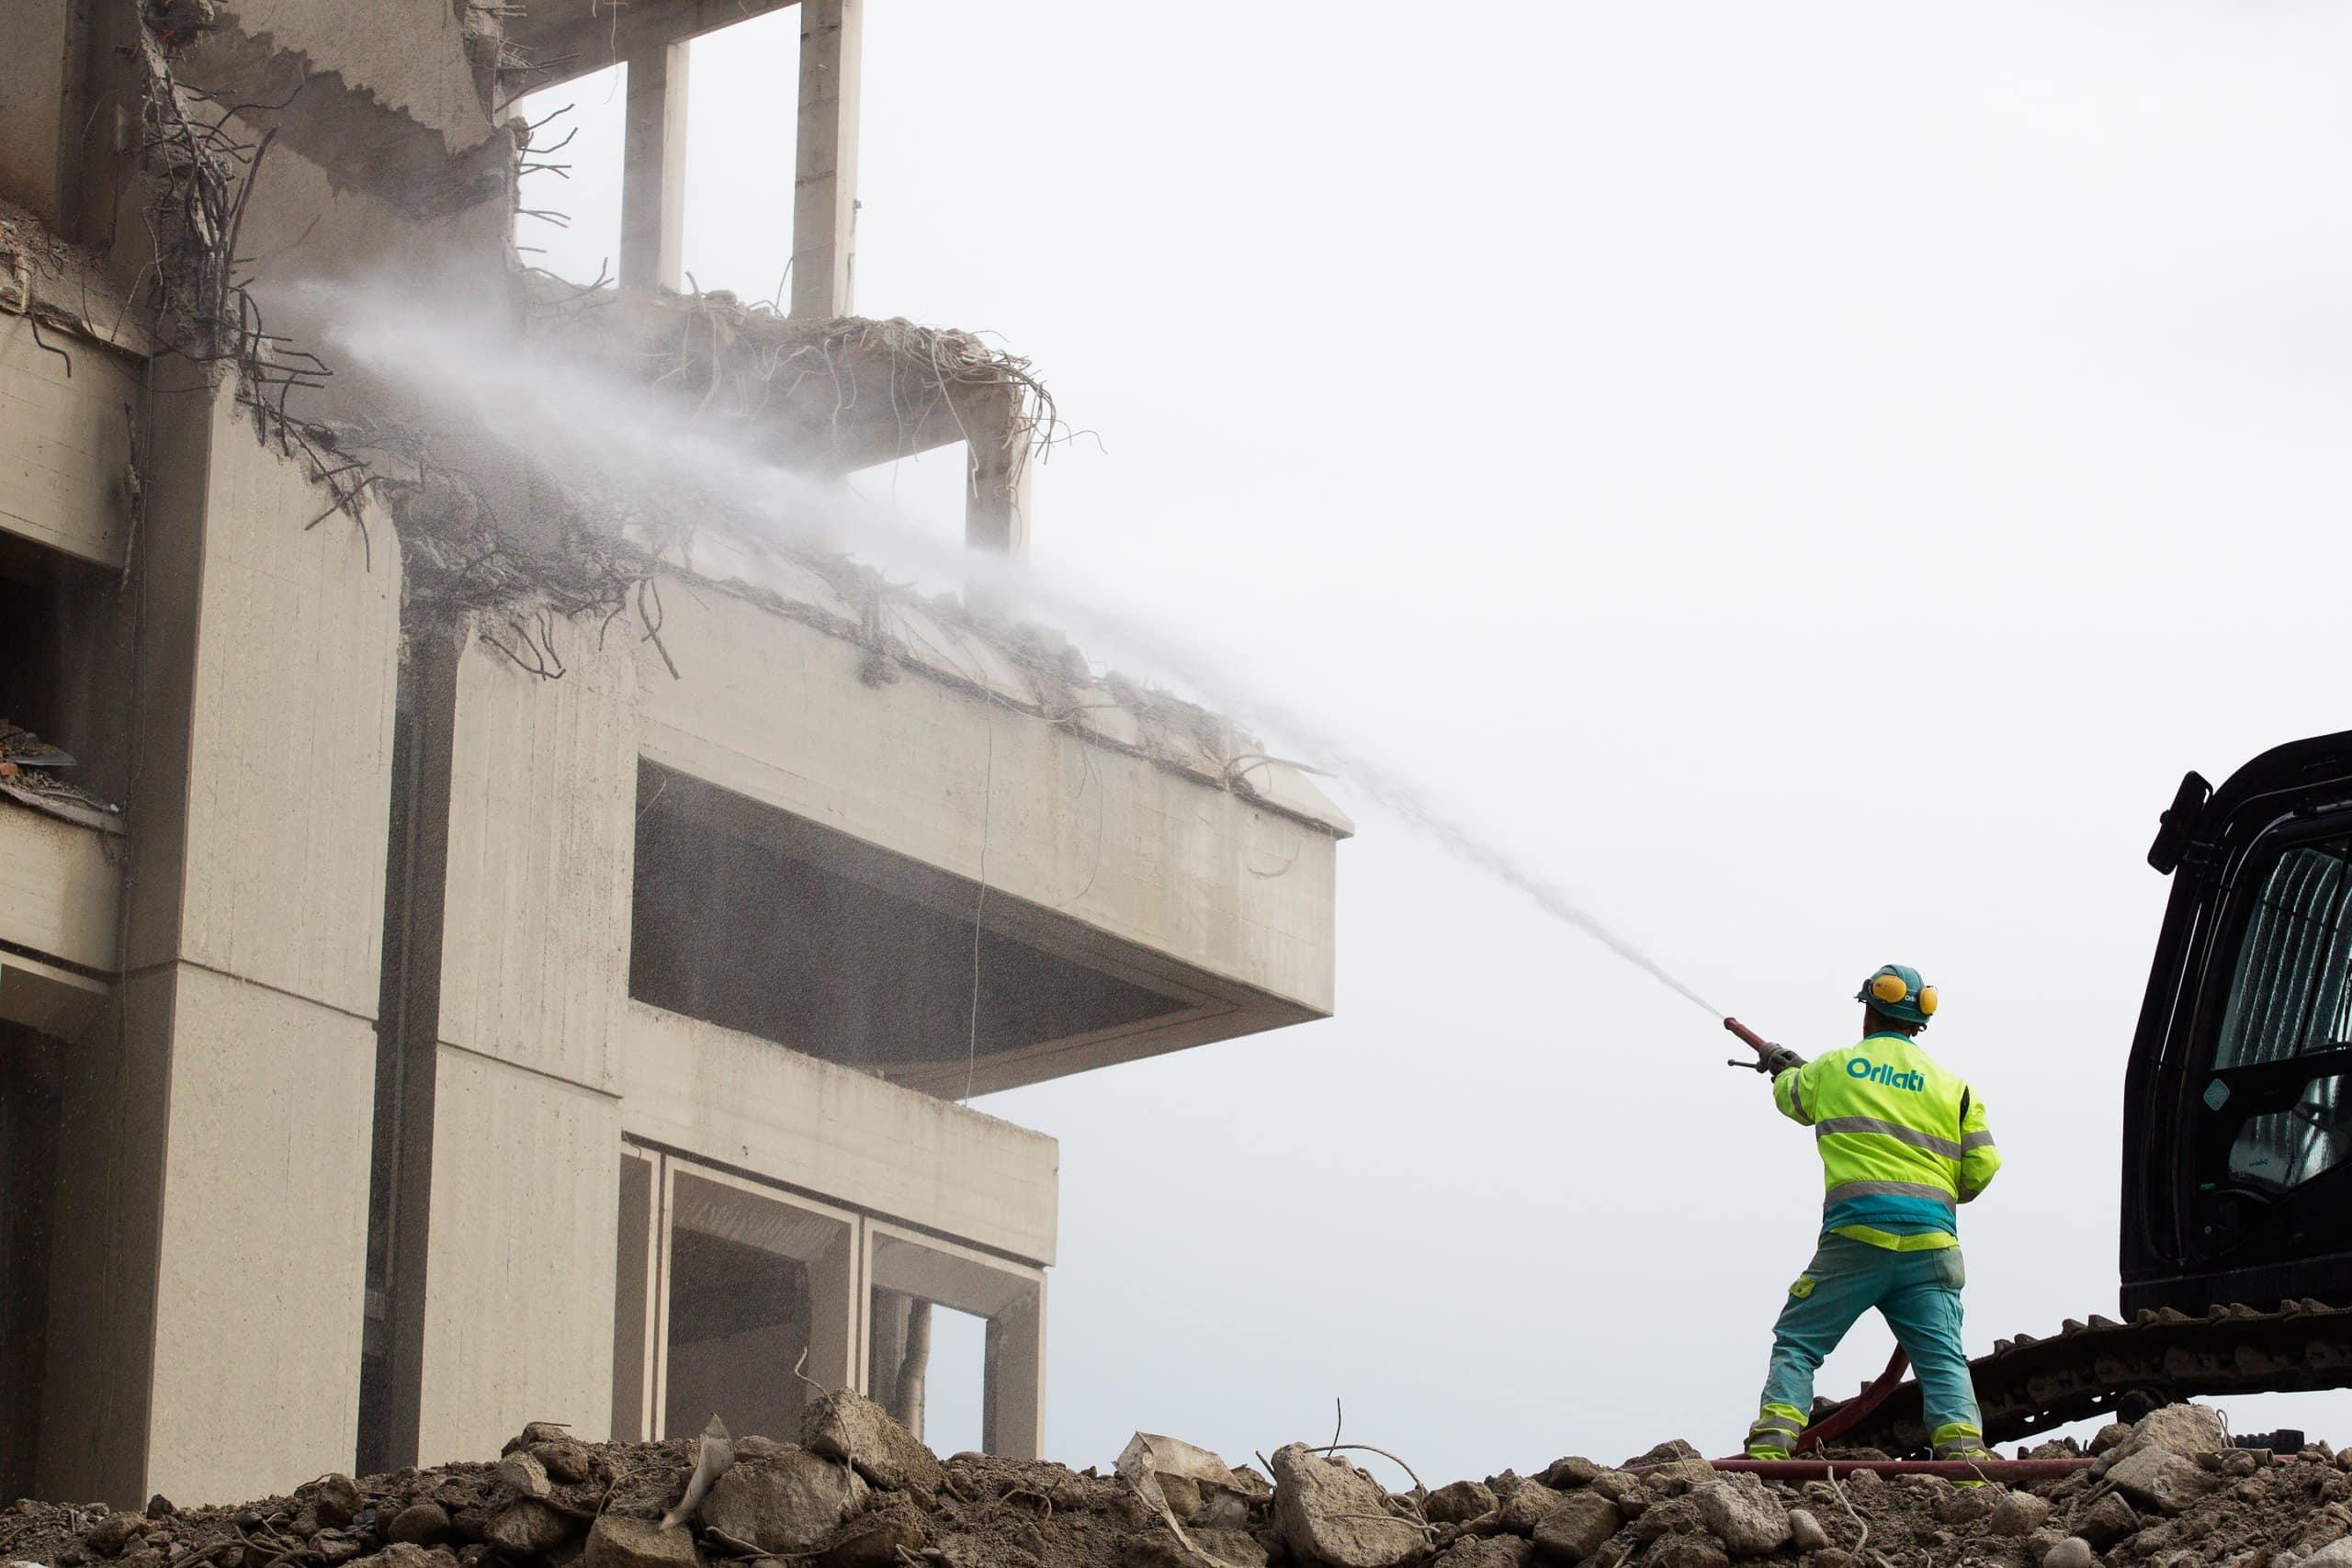 ouvrier de chantier maniant une lance à eau